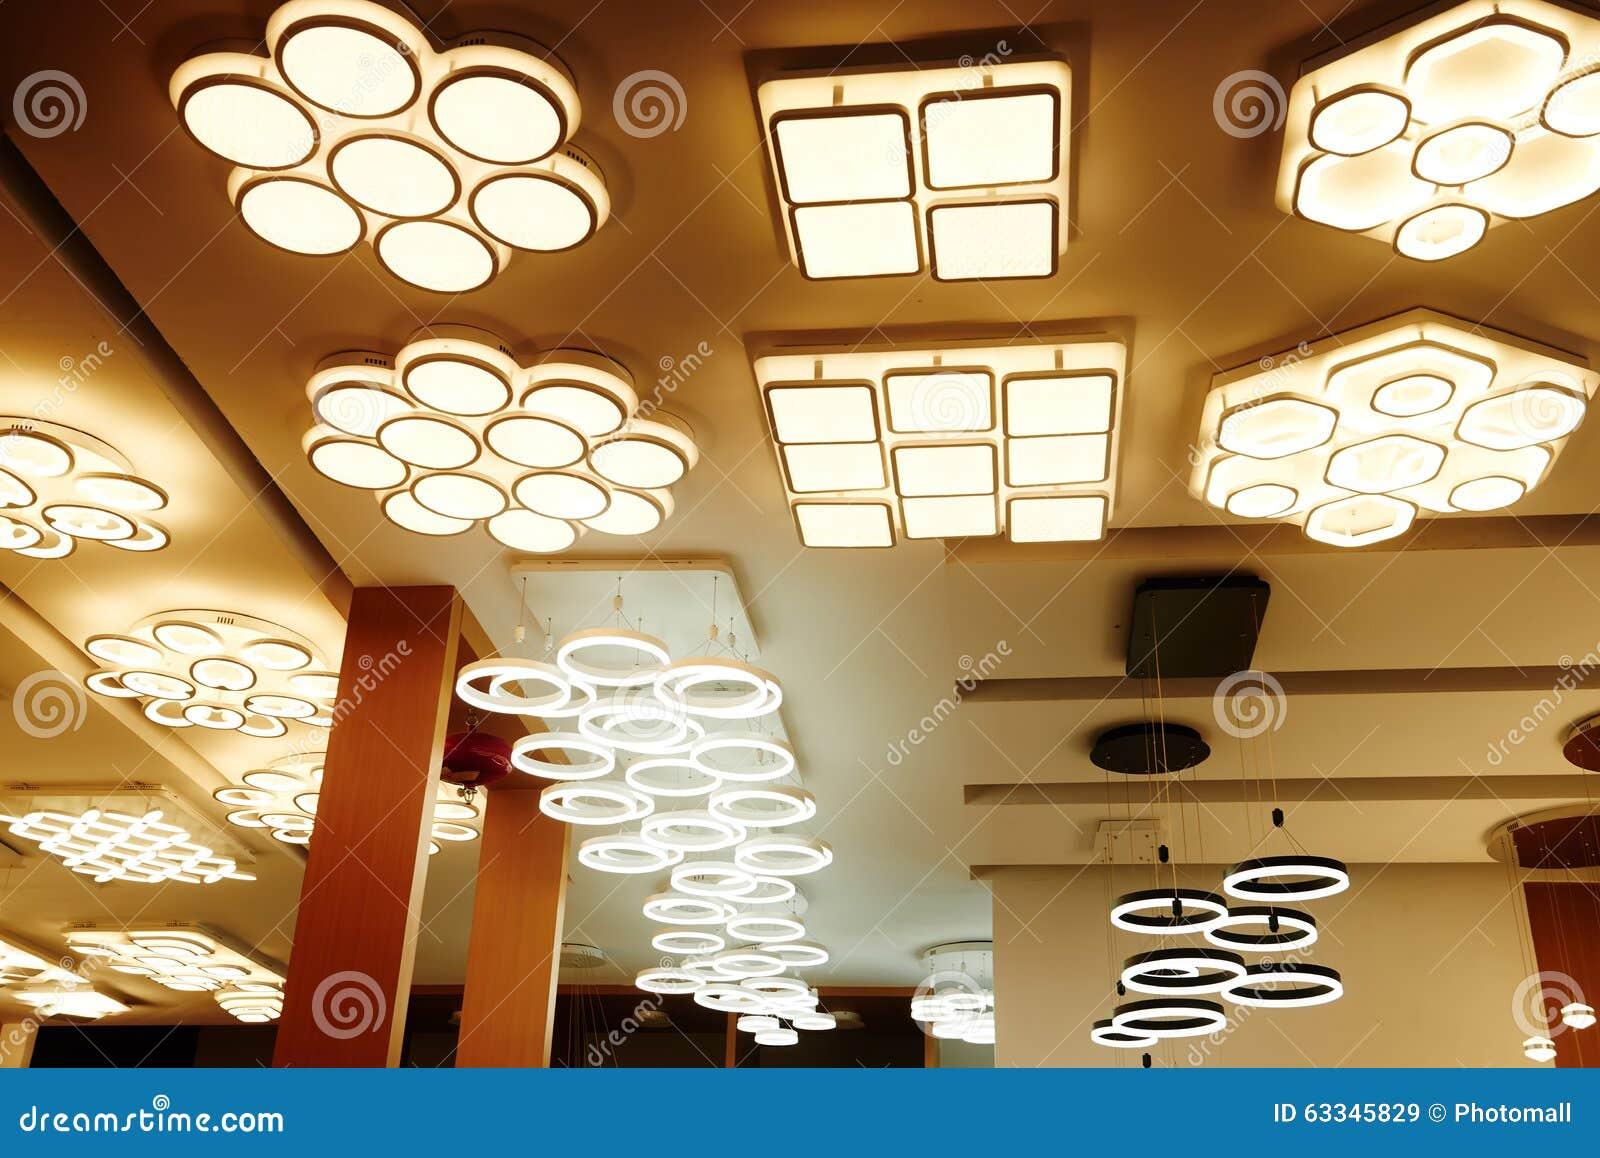 Plafoniere Da Negozio : Negozio principale di illuminazione soffitto immagine stock